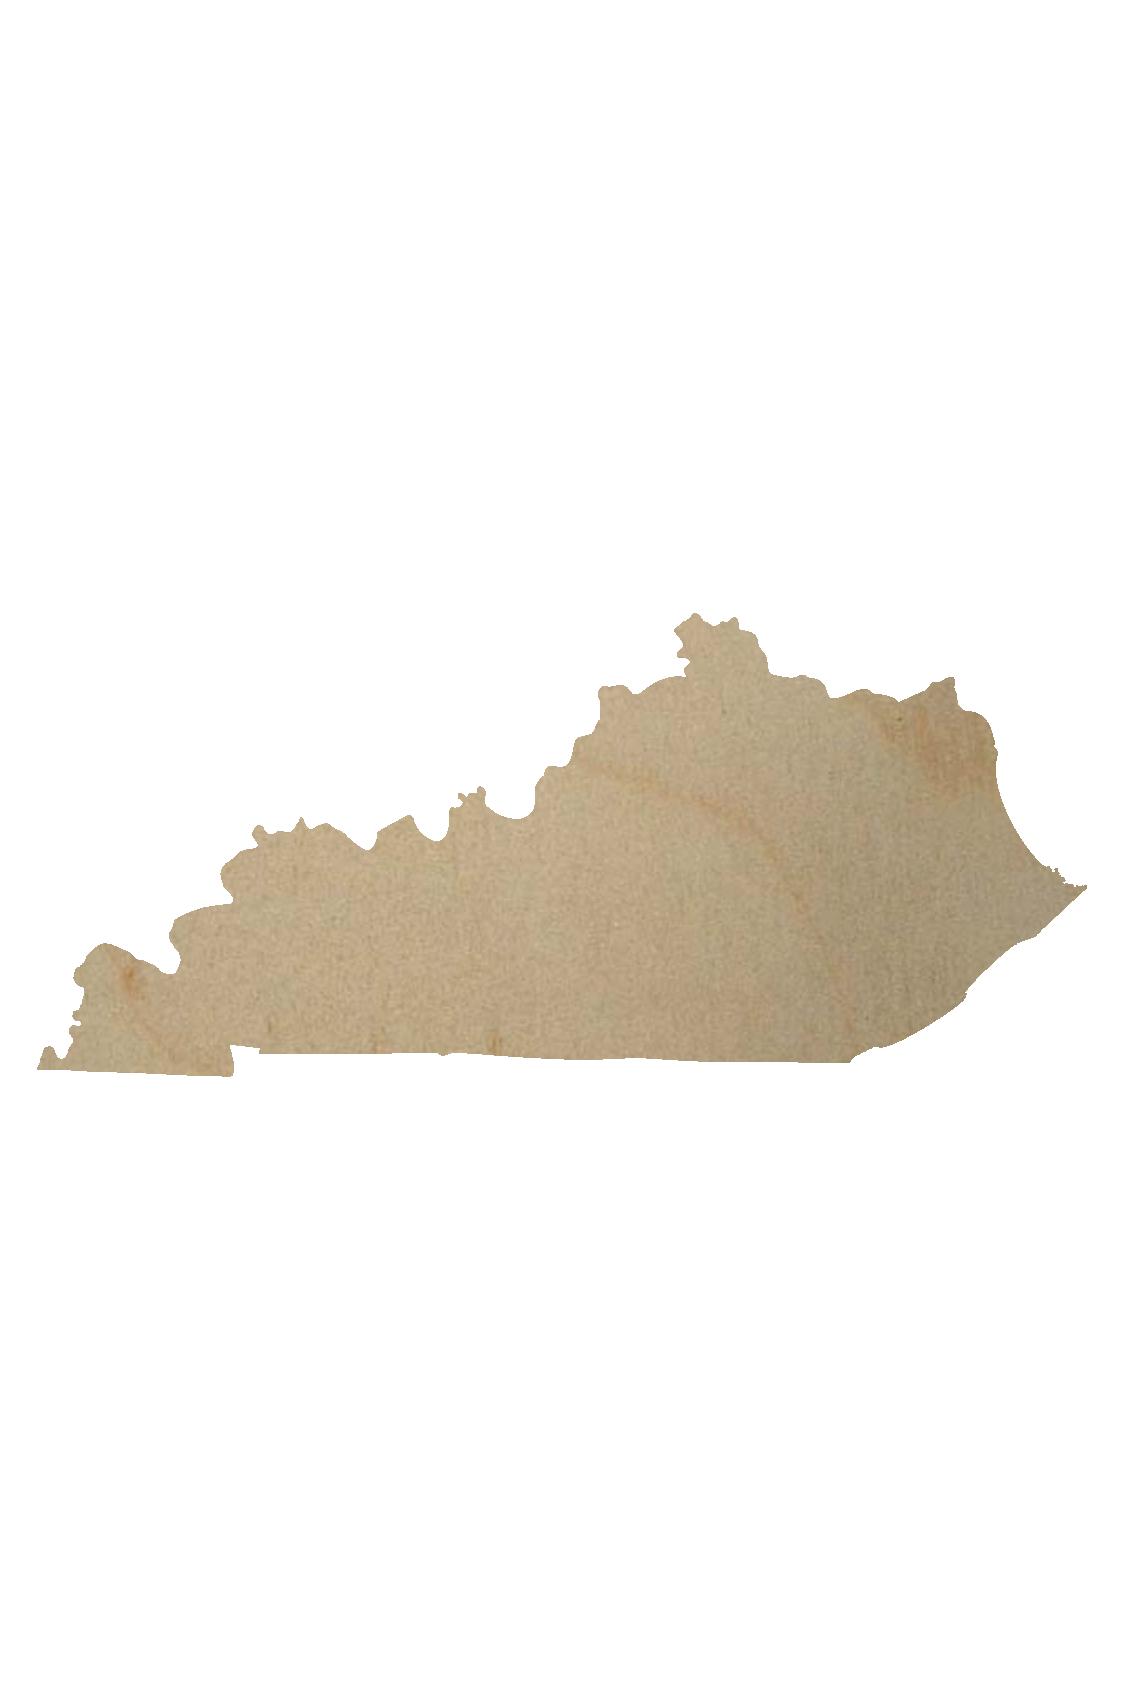 Wooden Kentucky Shape Cutout